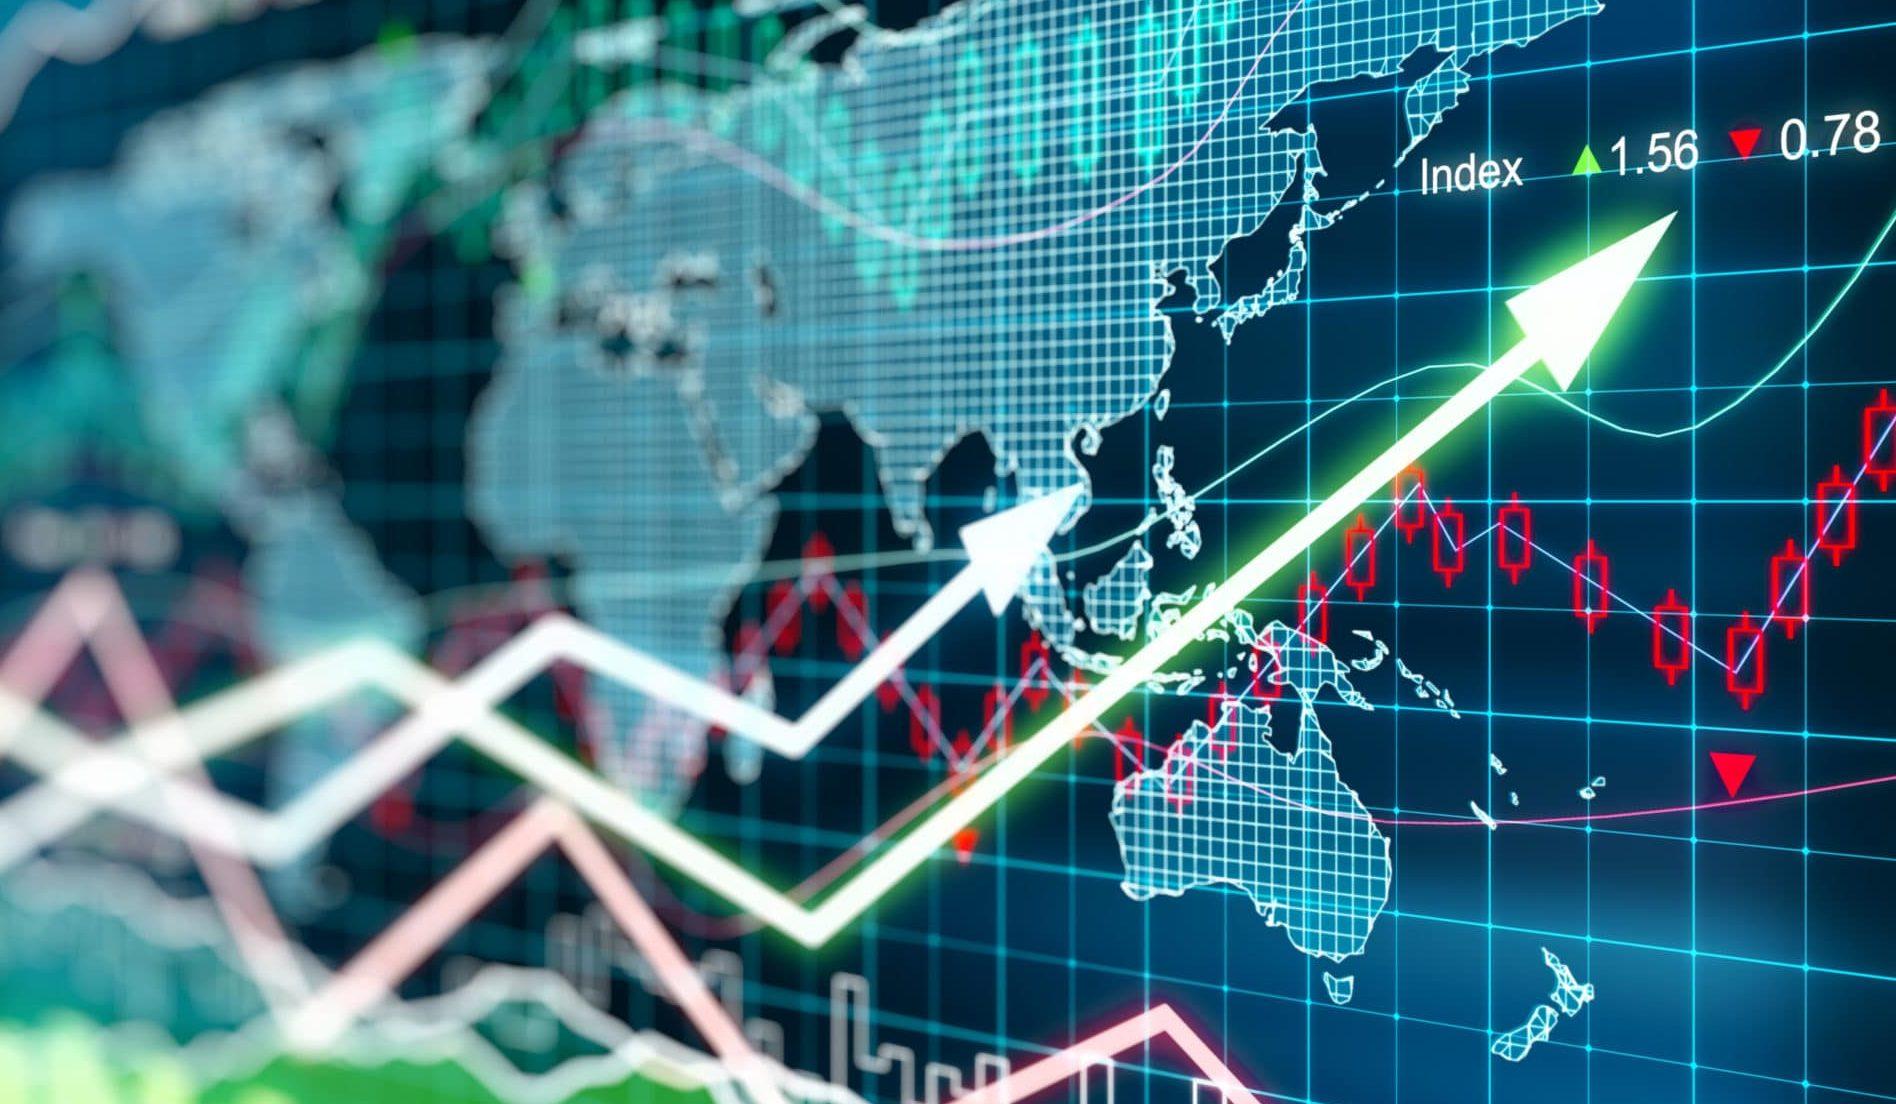 Die Visualisierung von Analyseergebnissen ist eine Notwendigkeit, damit Erkenntnisse aus den Daten besser sichtbar werden.